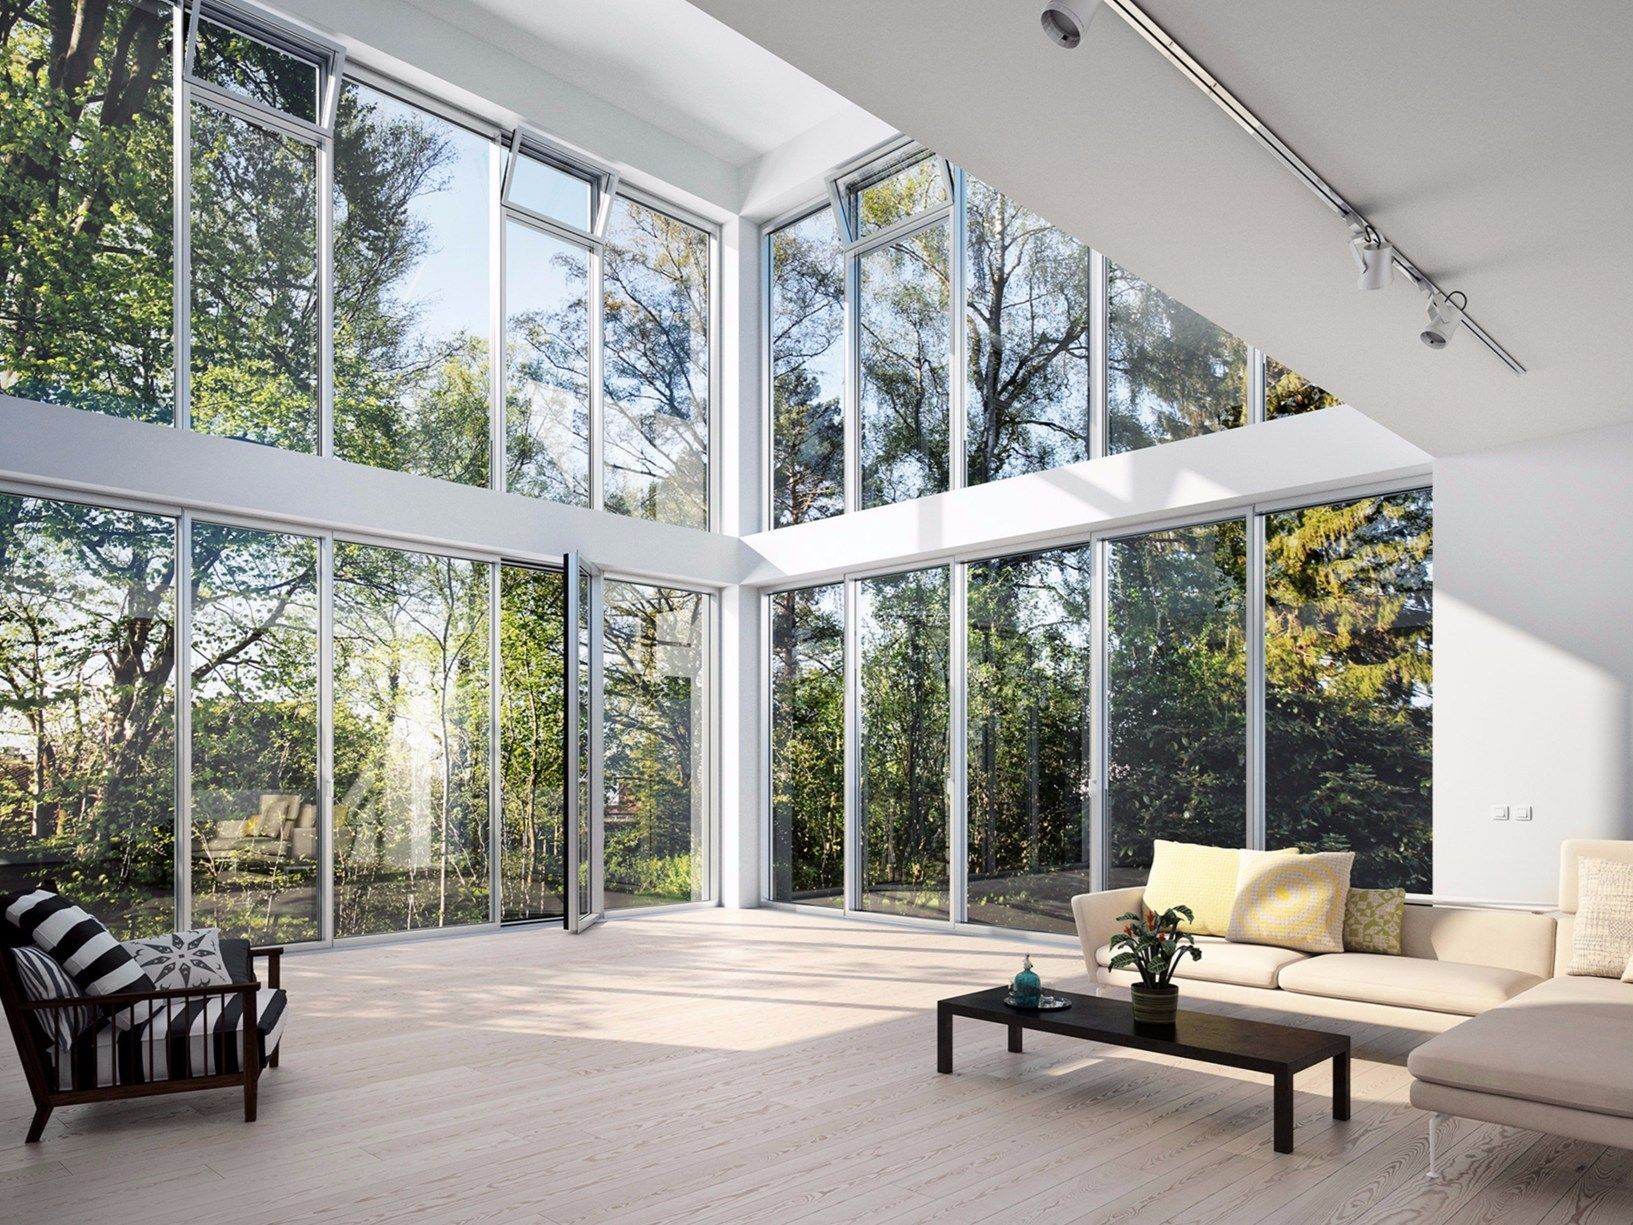 Facciate in alluminio a nastro con apribili a scomparsa - Altezza minima finestre ...